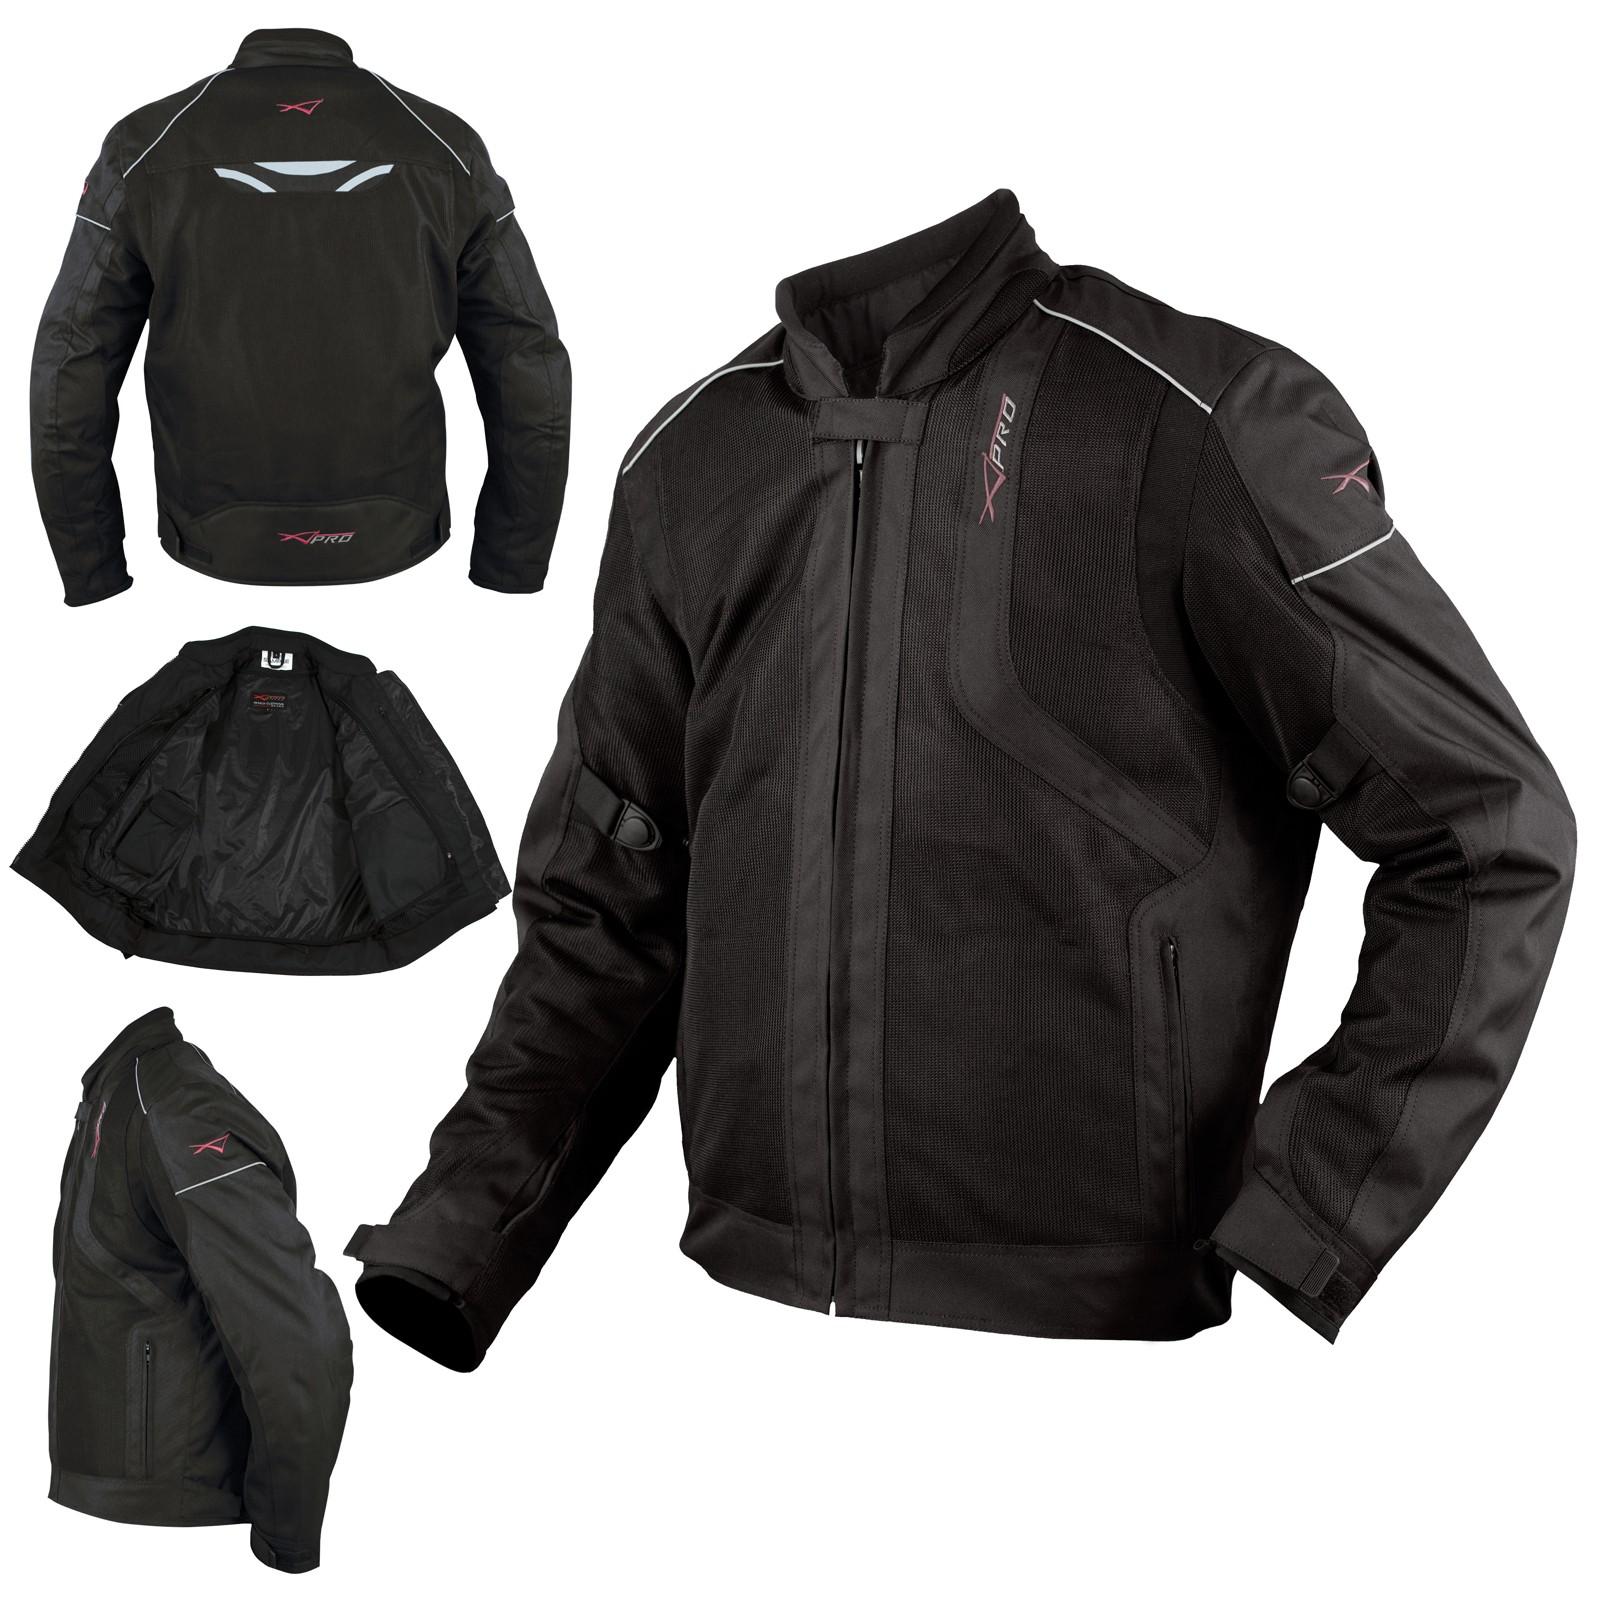 3d9410e5977 Chaqueta Moto Sport Impermeable Ventilada Protecciones CE Scooter Negro